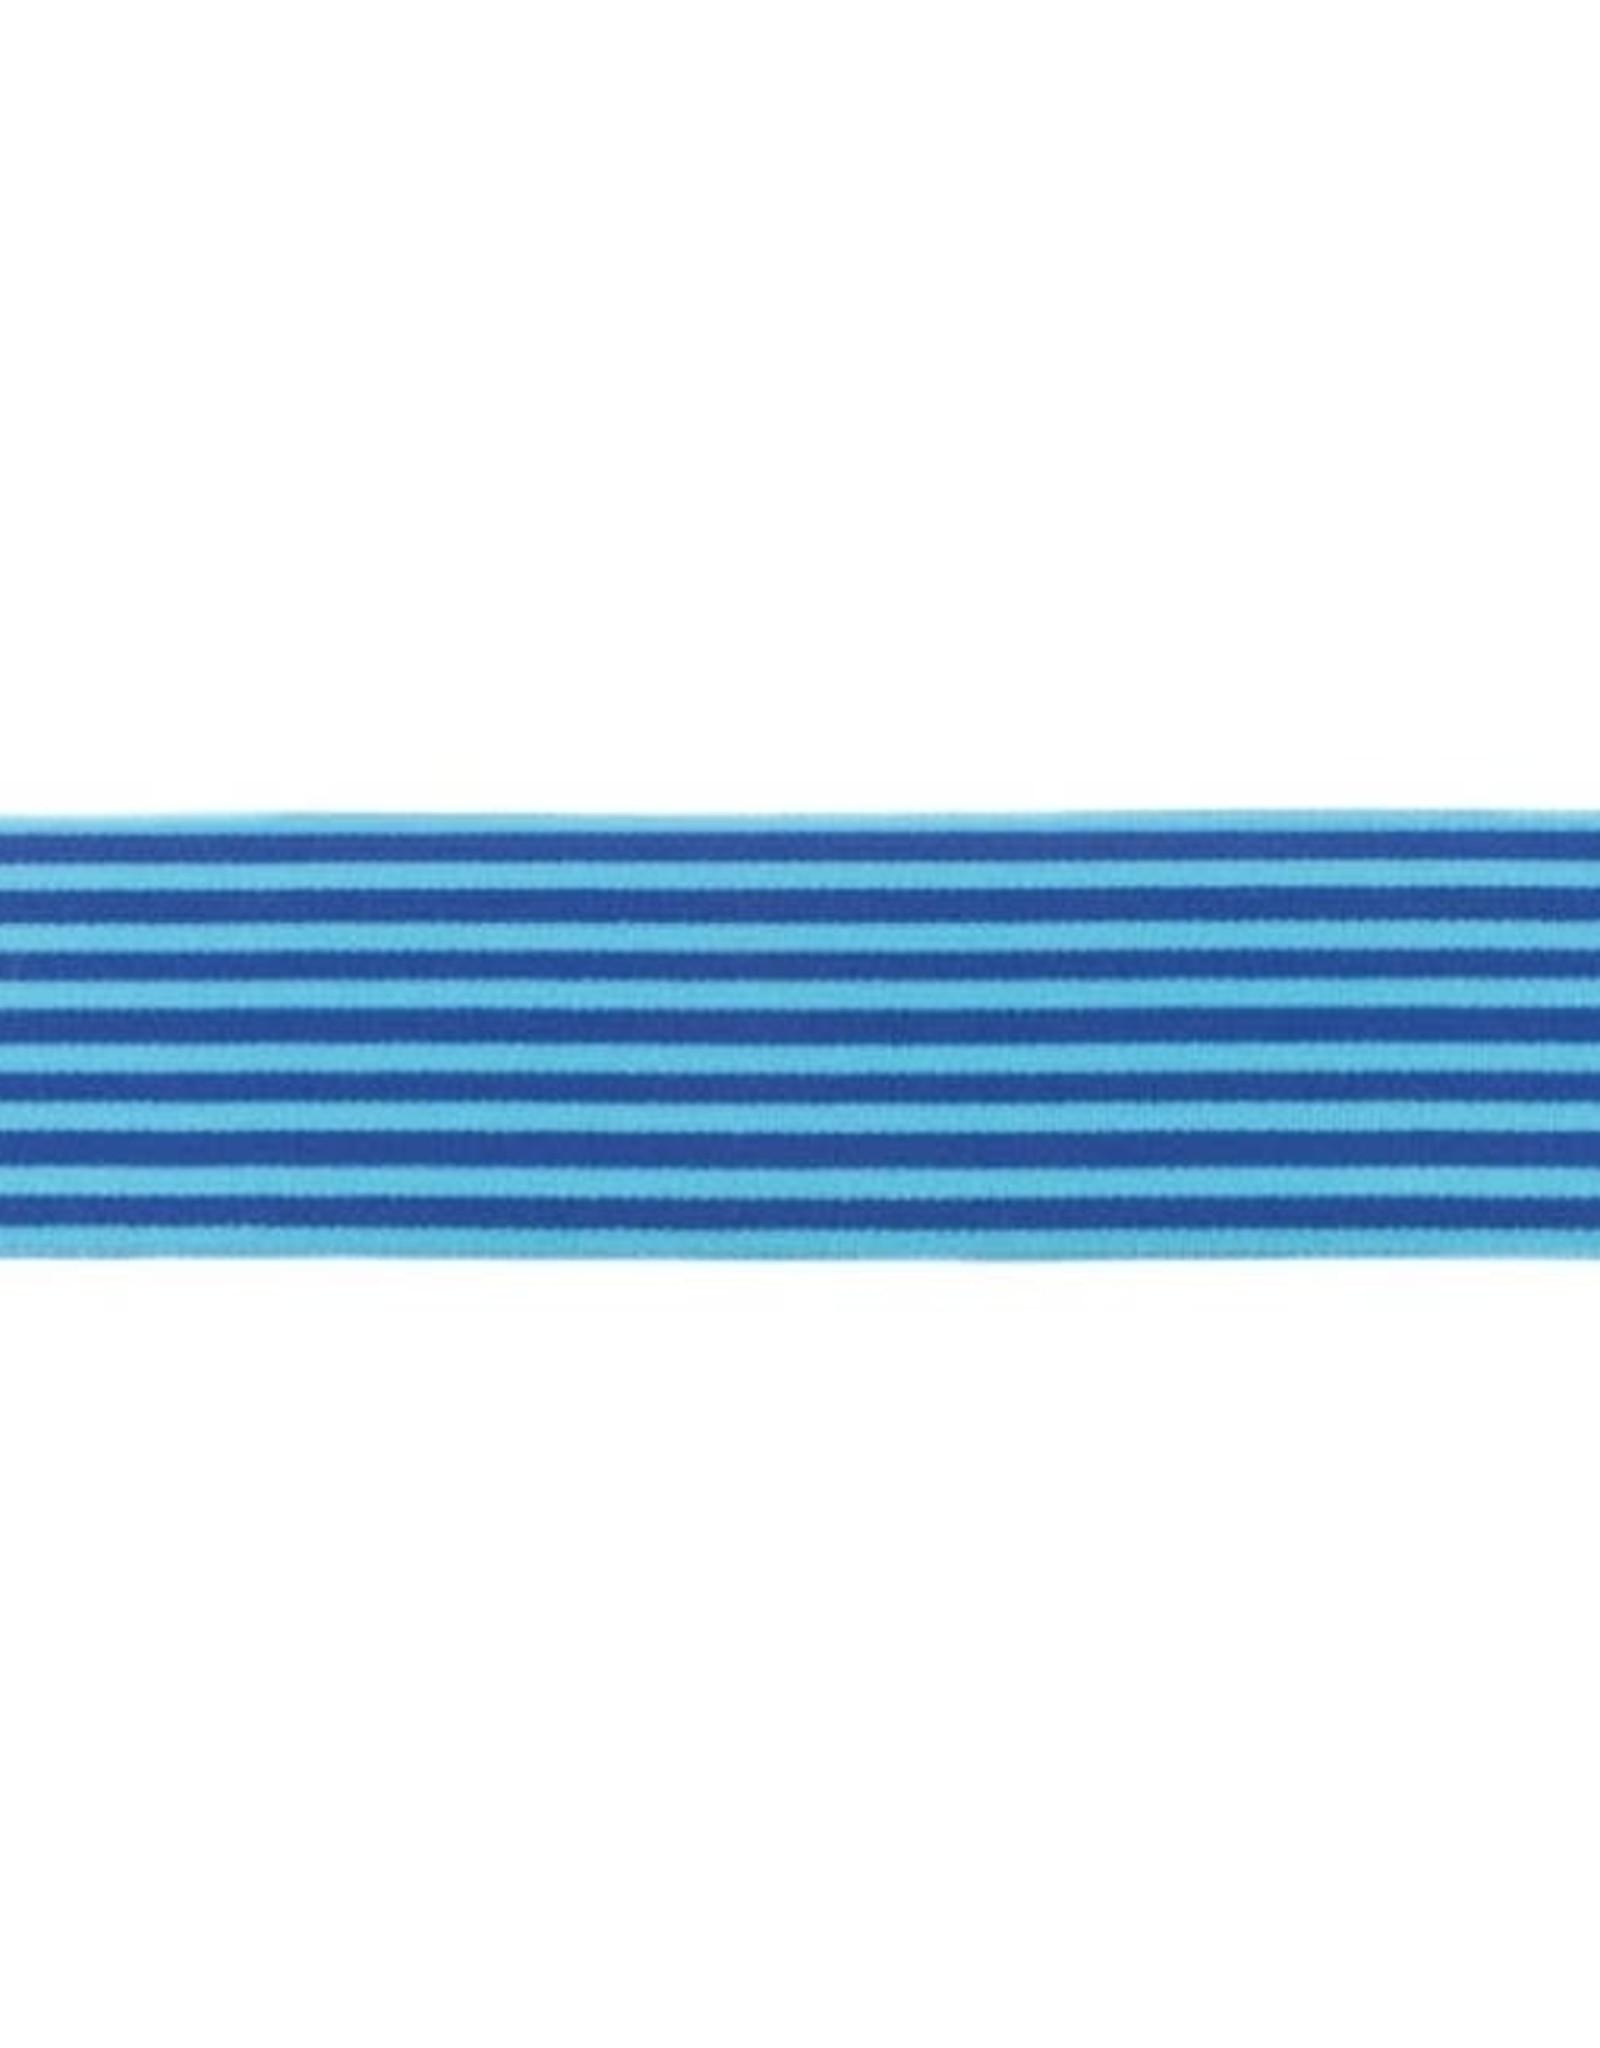 Zachte Gestreepte Elastiek 40mm - Blauw